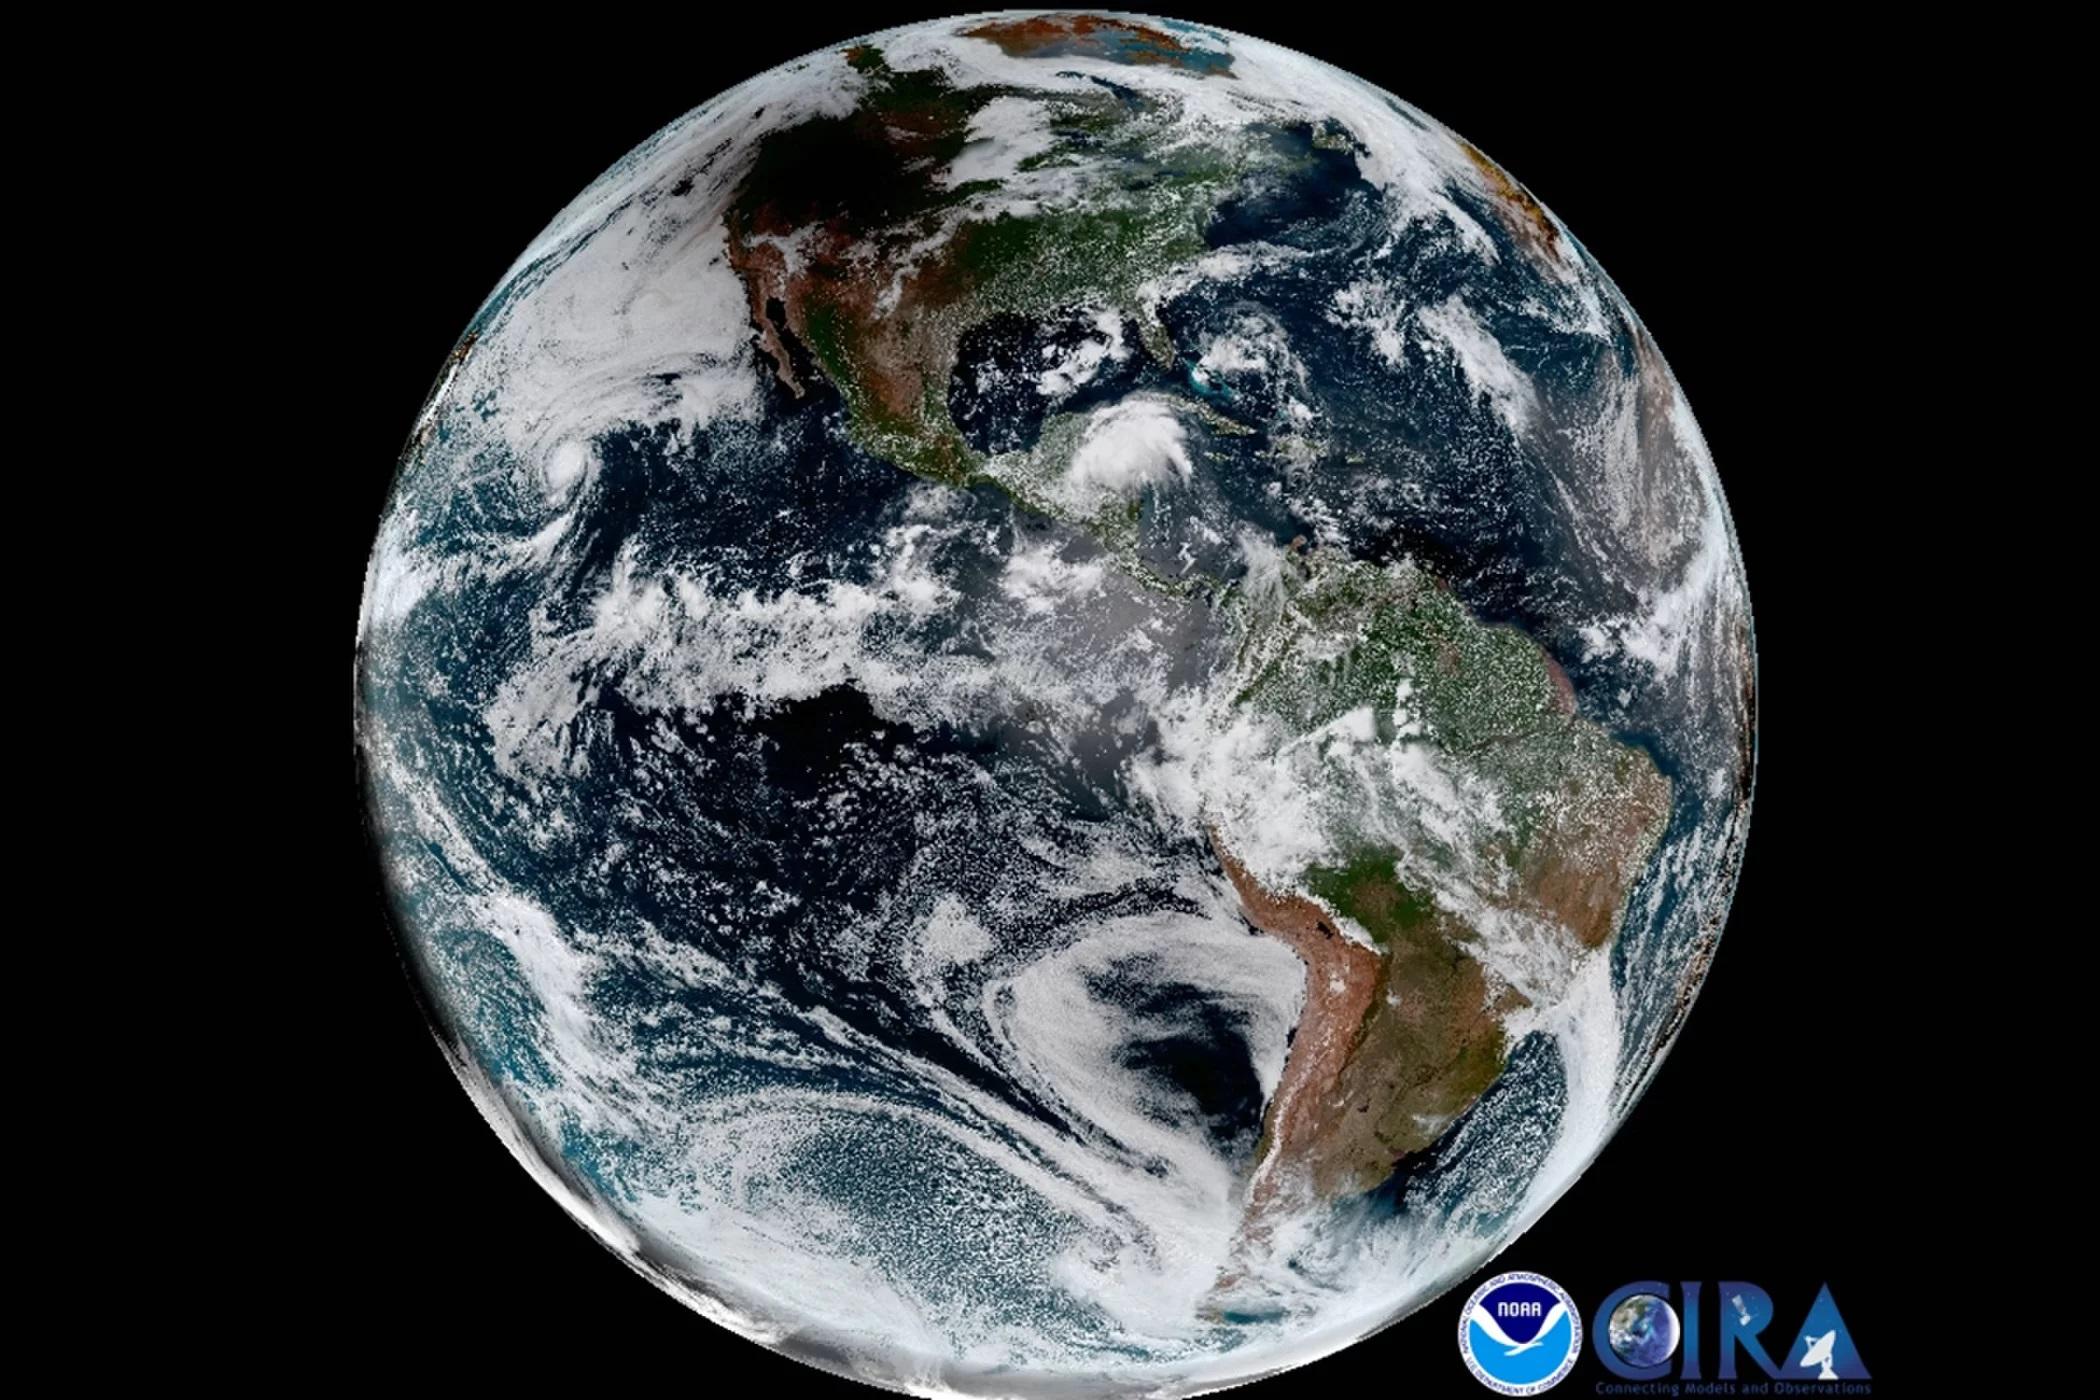 Kontynuując swoją podróż do Atlantyku cień Księżyca znajduje się na wschód od rzeki Mississippi. Zdjęcie pochodzi z Advanced Baseline Image, będącego częścią GOES-16, który może wykonać obraz całej Ziemi taki jak ten co kwadrans.